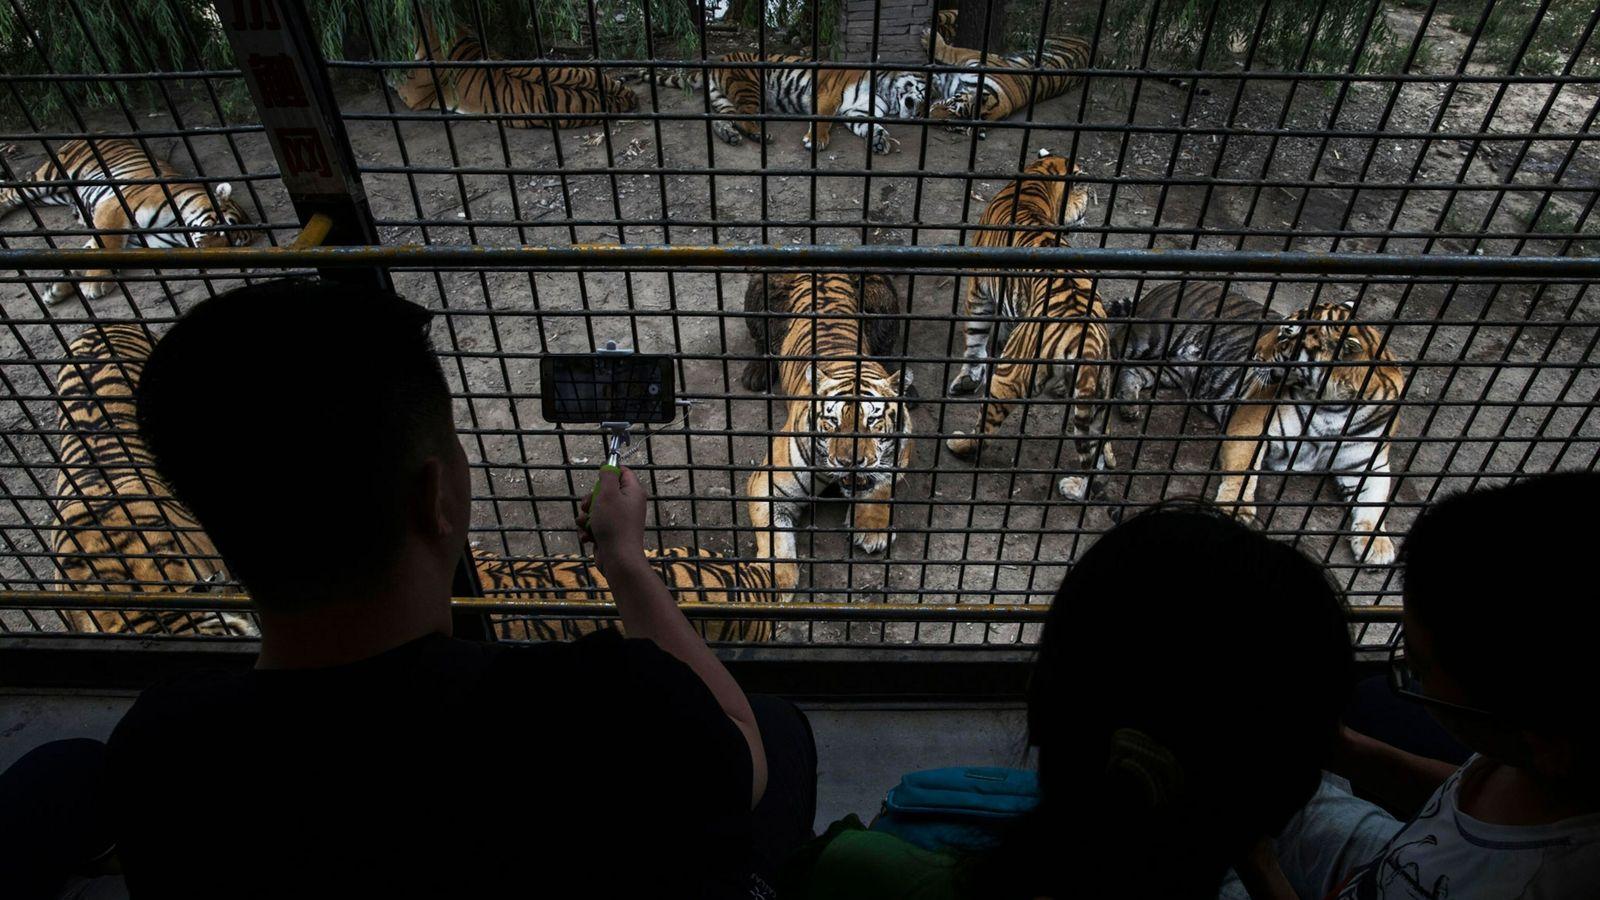 Turistas observan a los tigres en el Parque del Tigre Siberiano de Heilongjiang